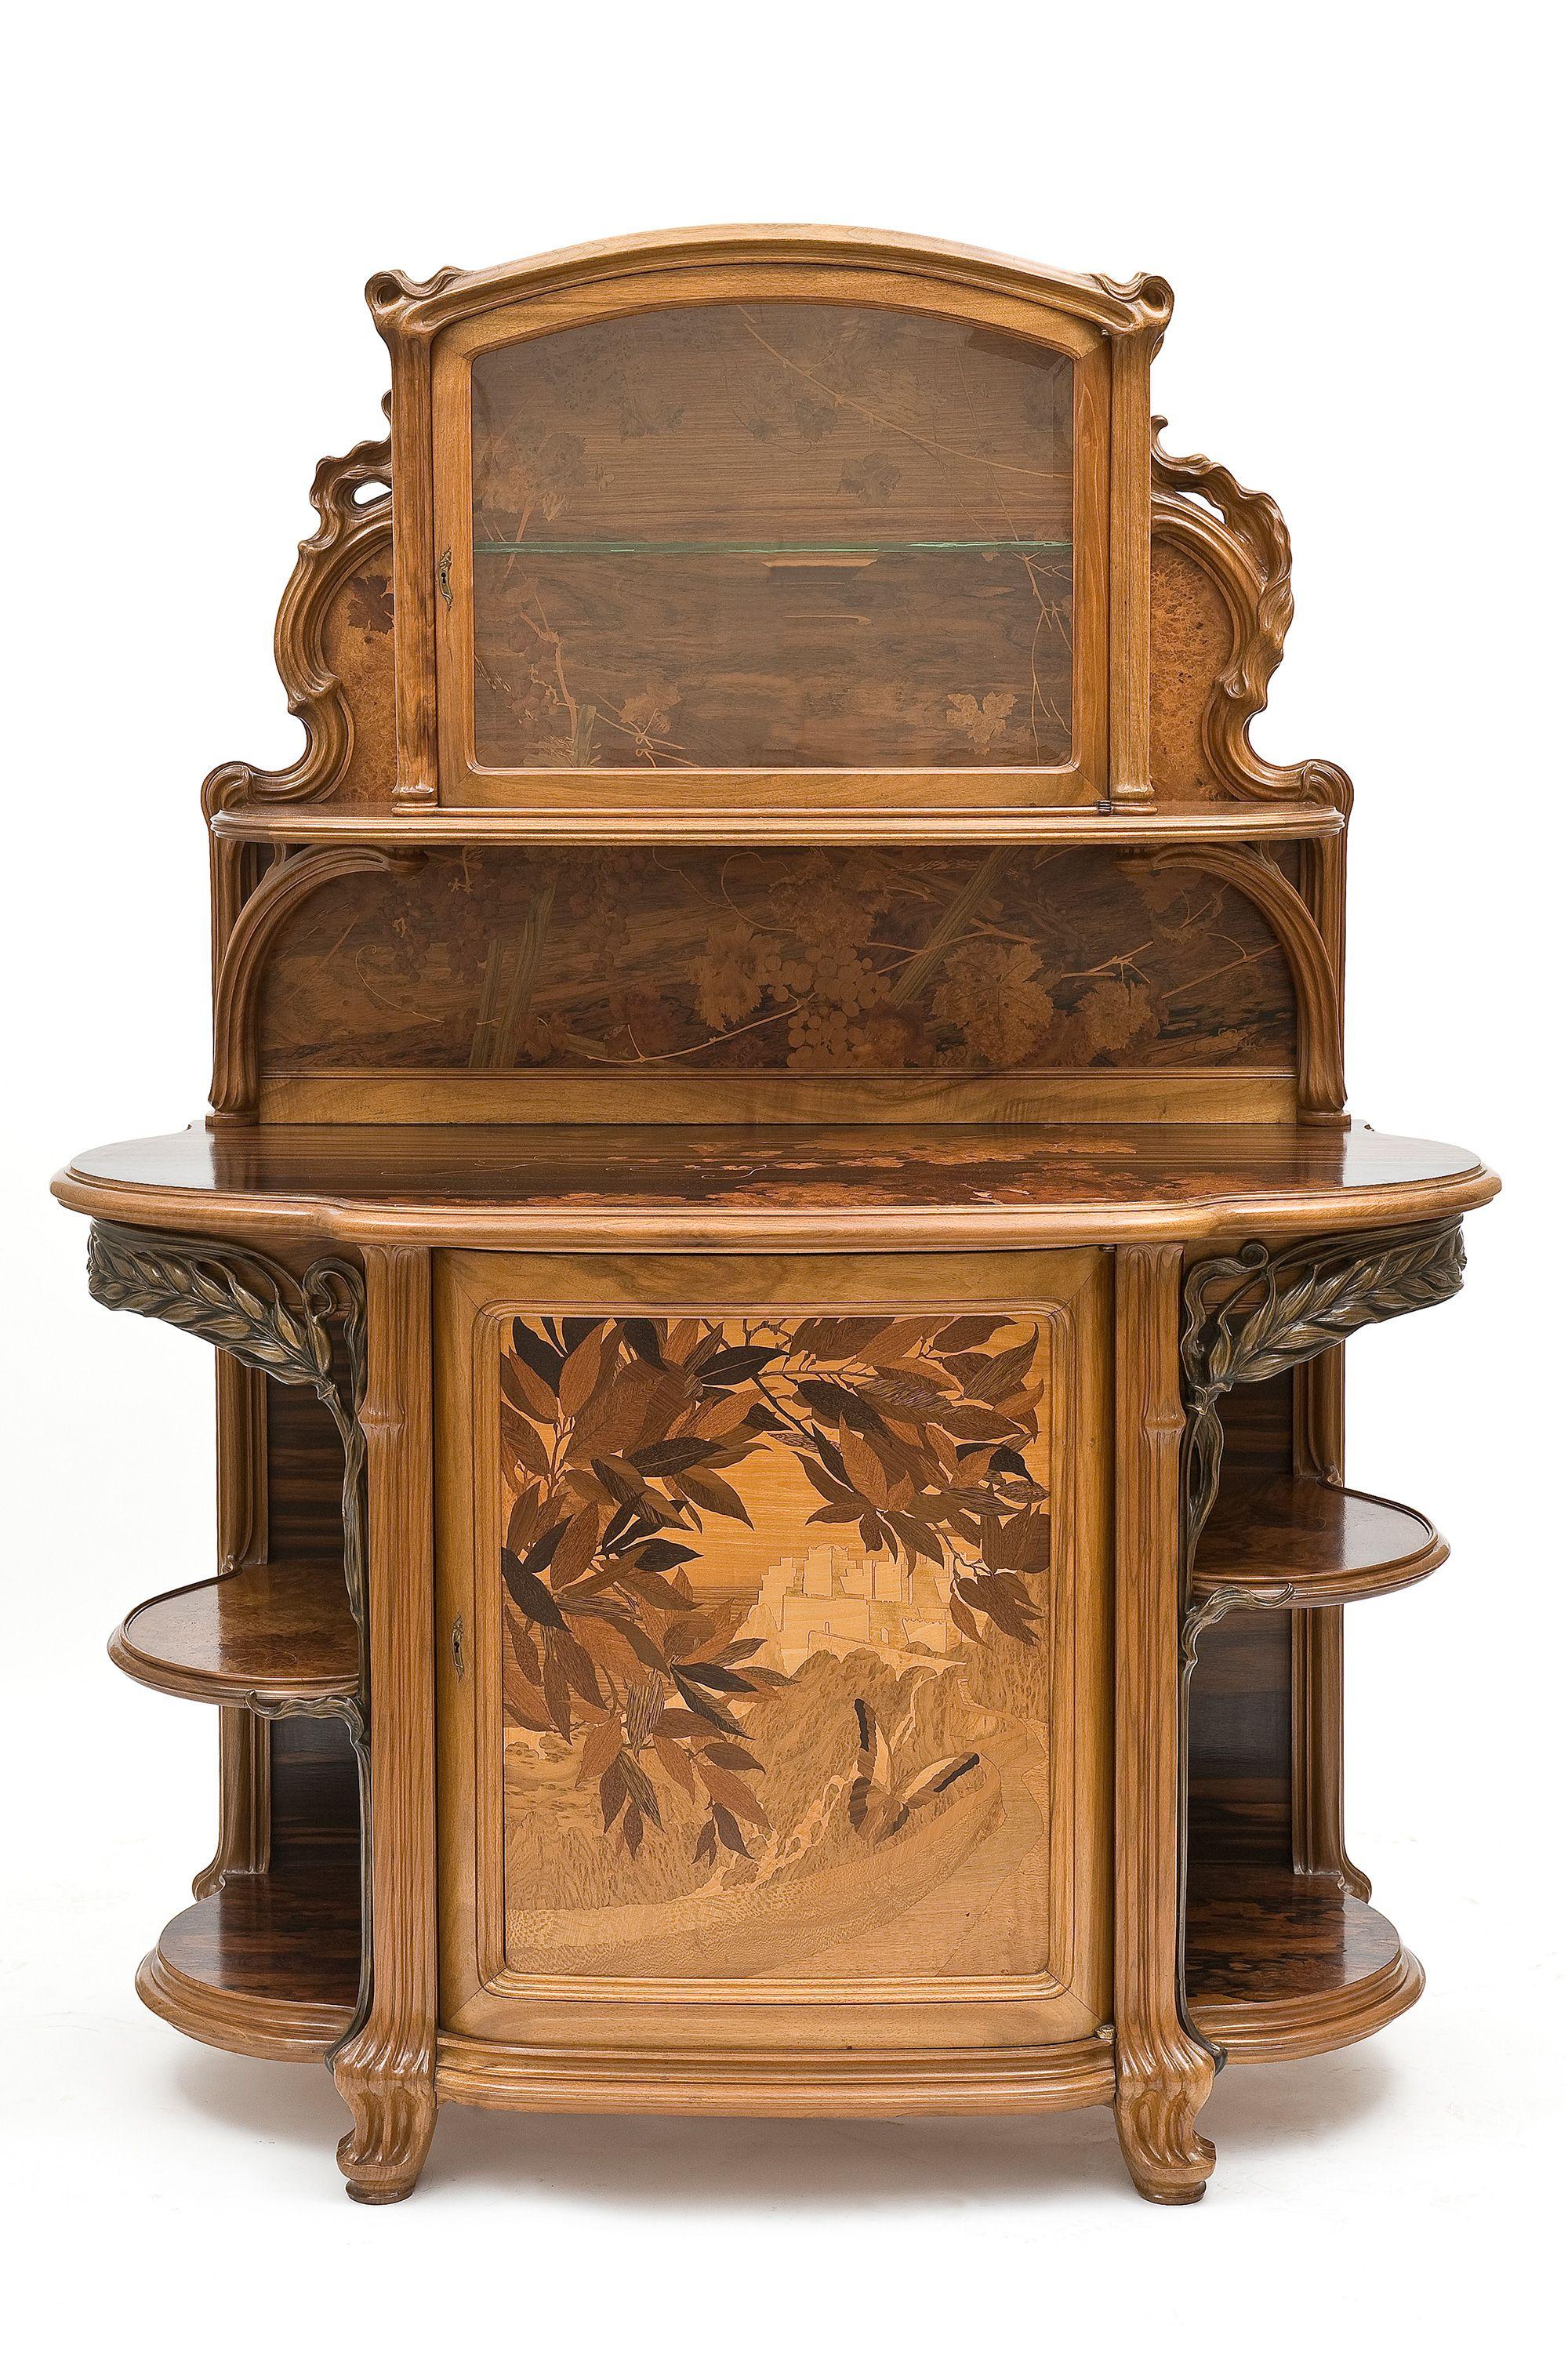 buffet les vendanges emile gall 1846 1904 nancy vers 1904 mobilier de la salle. Black Bedroom Furniture Sets. Home Design Ideas